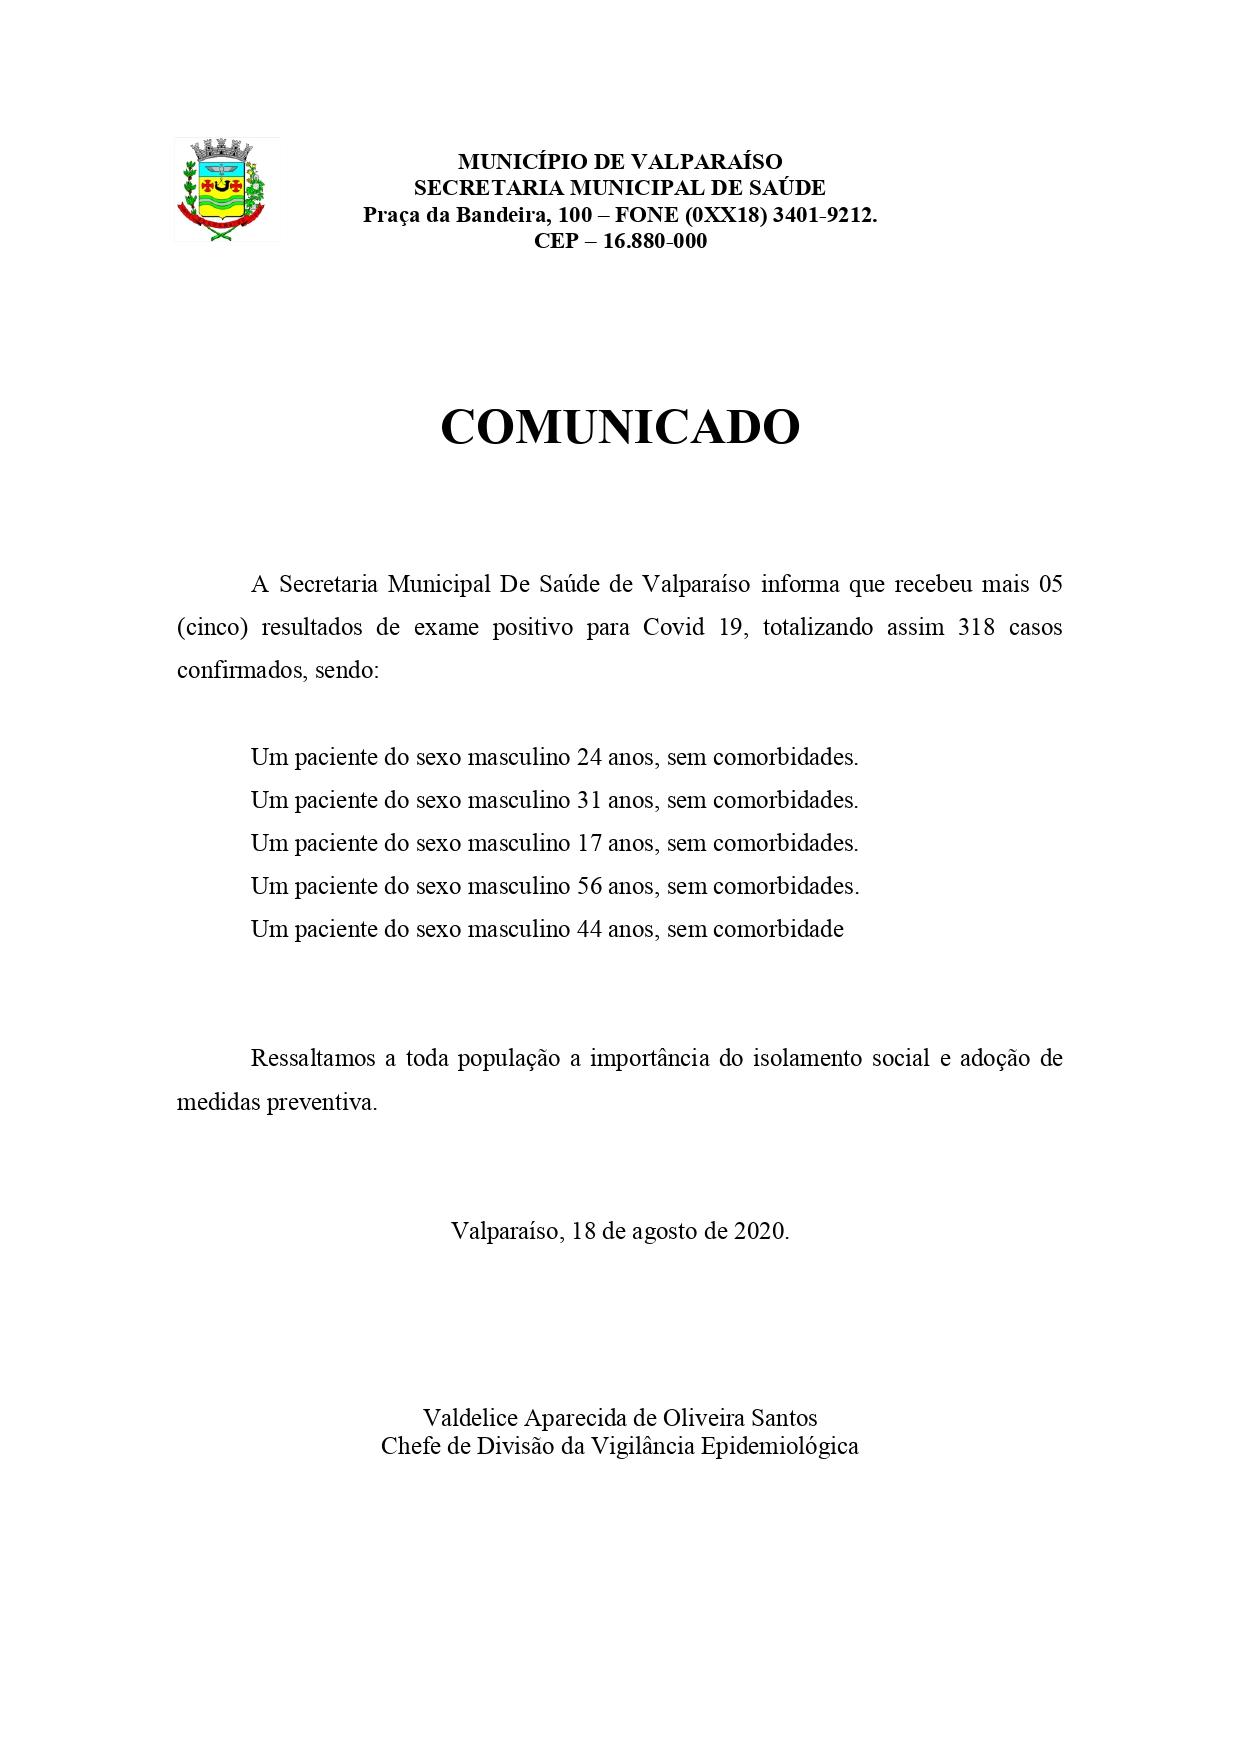 covid318